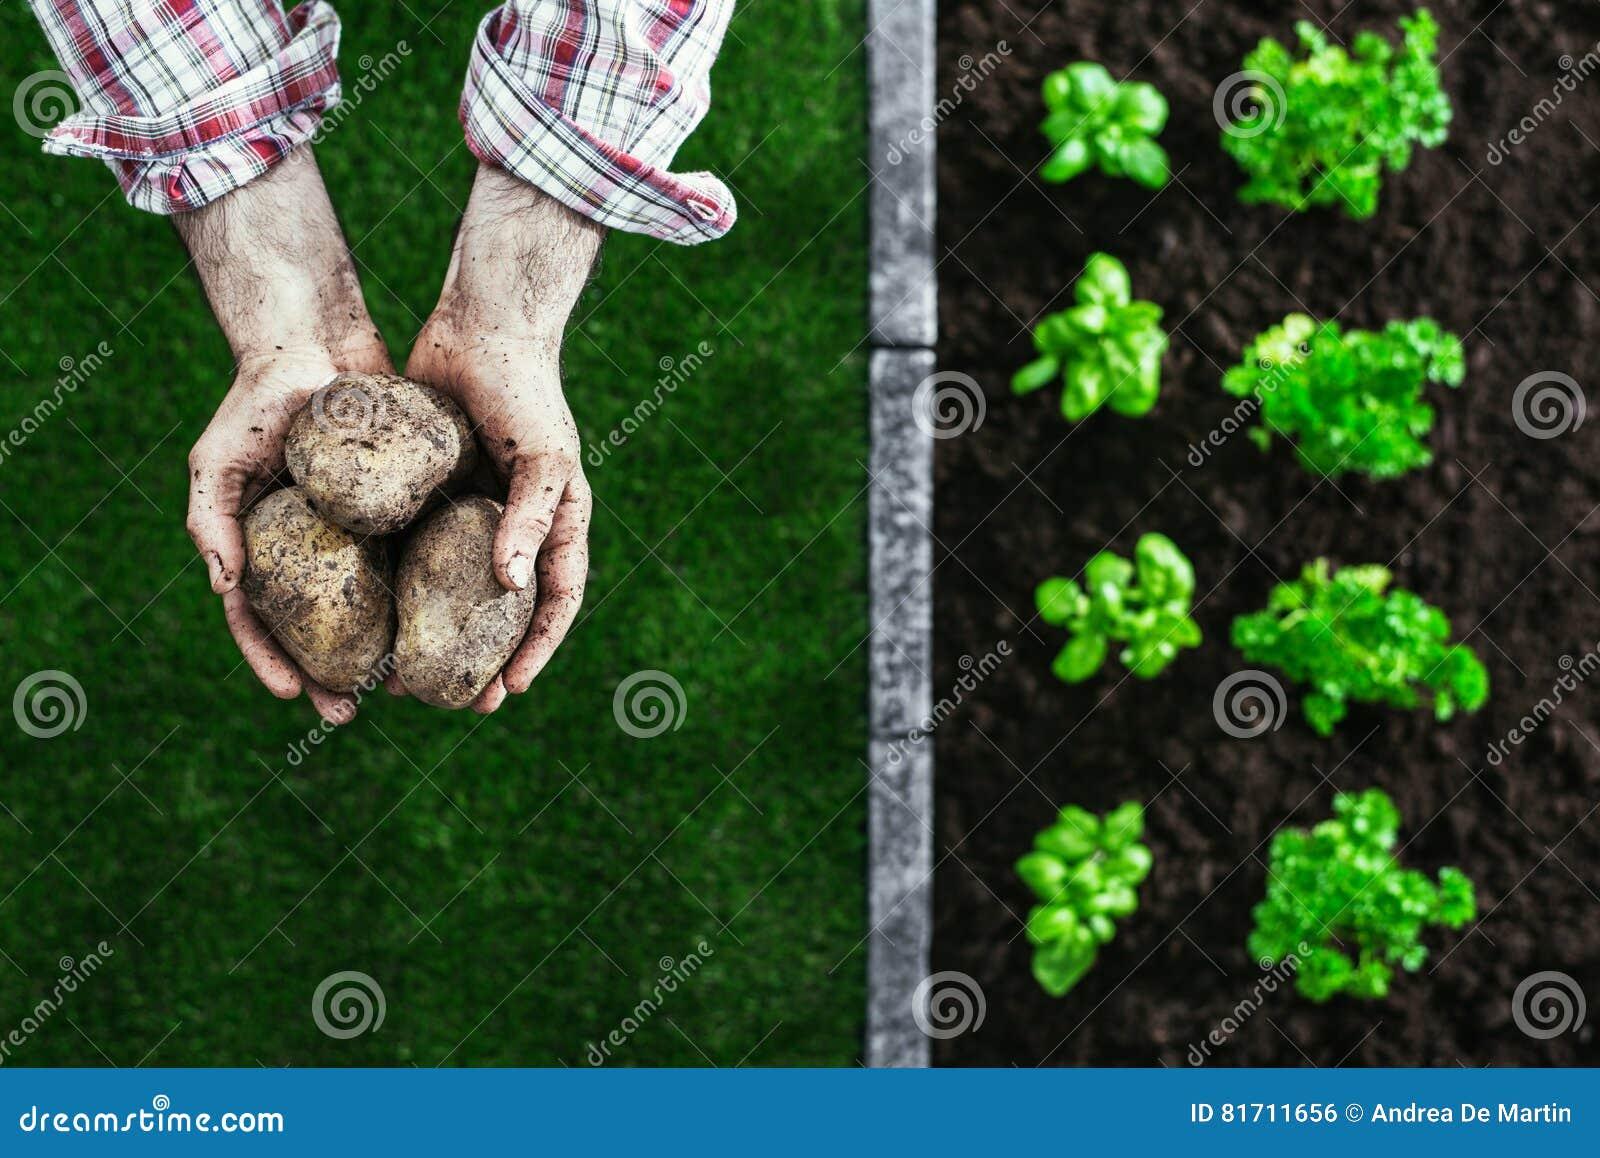 Organicznie uprawiać ogródek i uprawiać ziemię